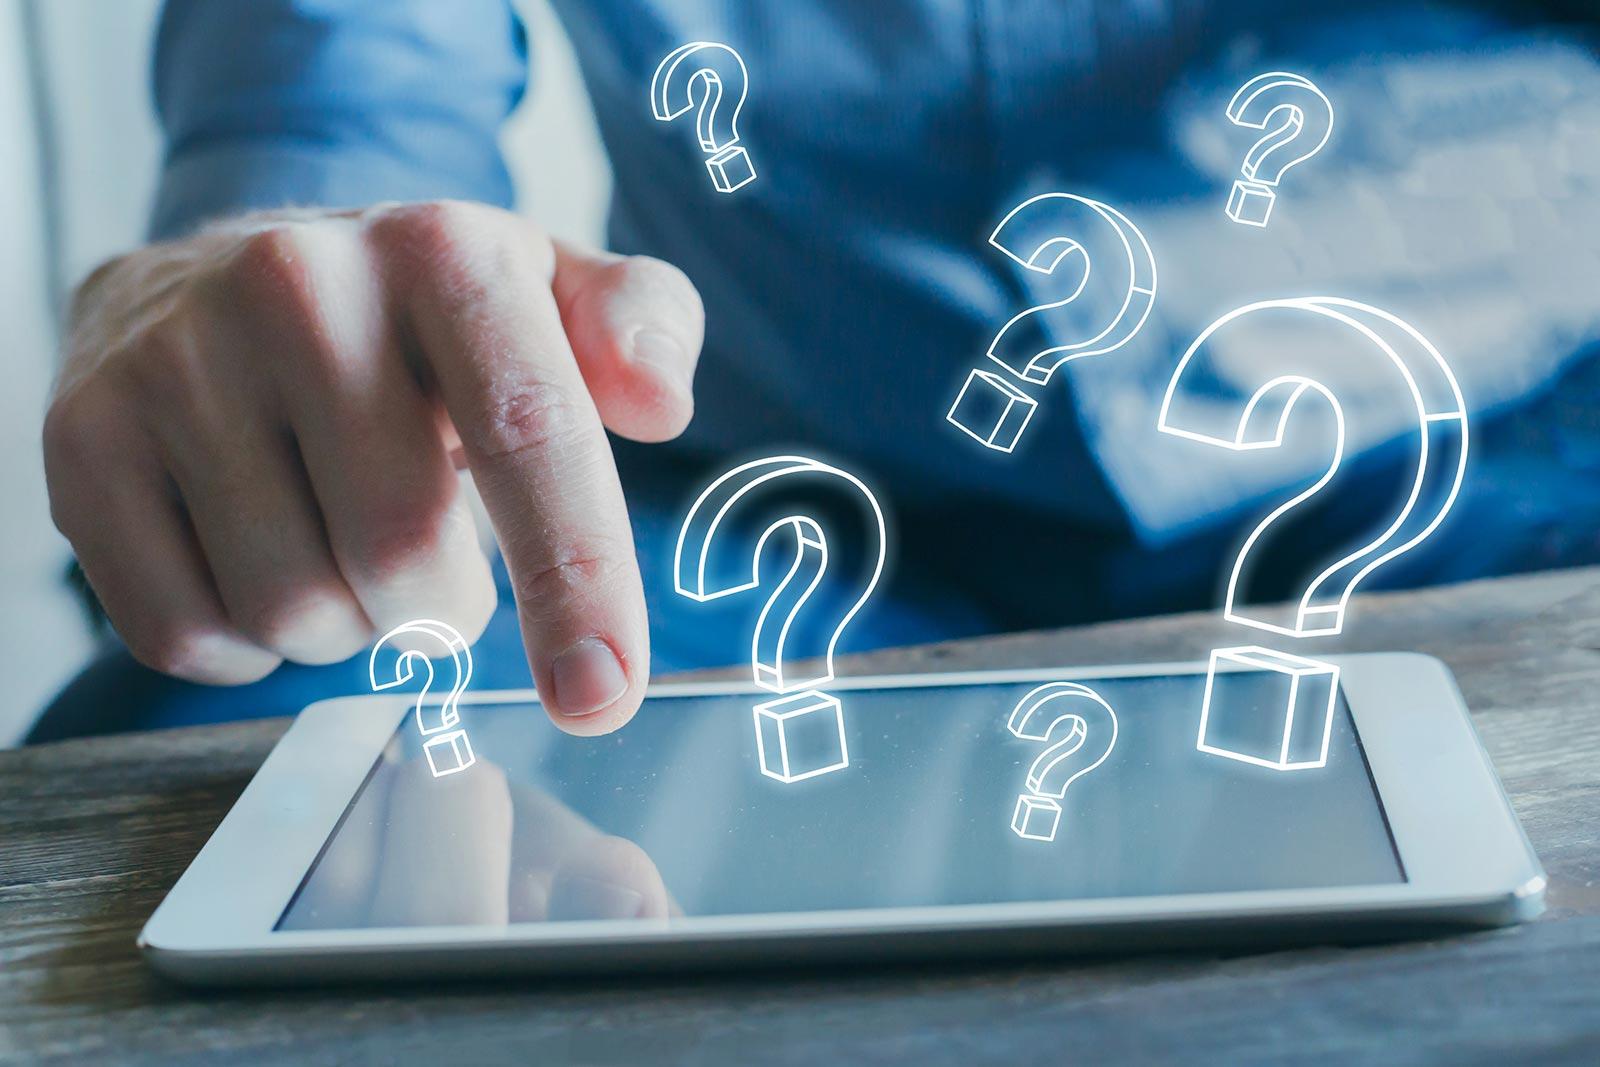 FAQ-無料相談についてのよくある質問